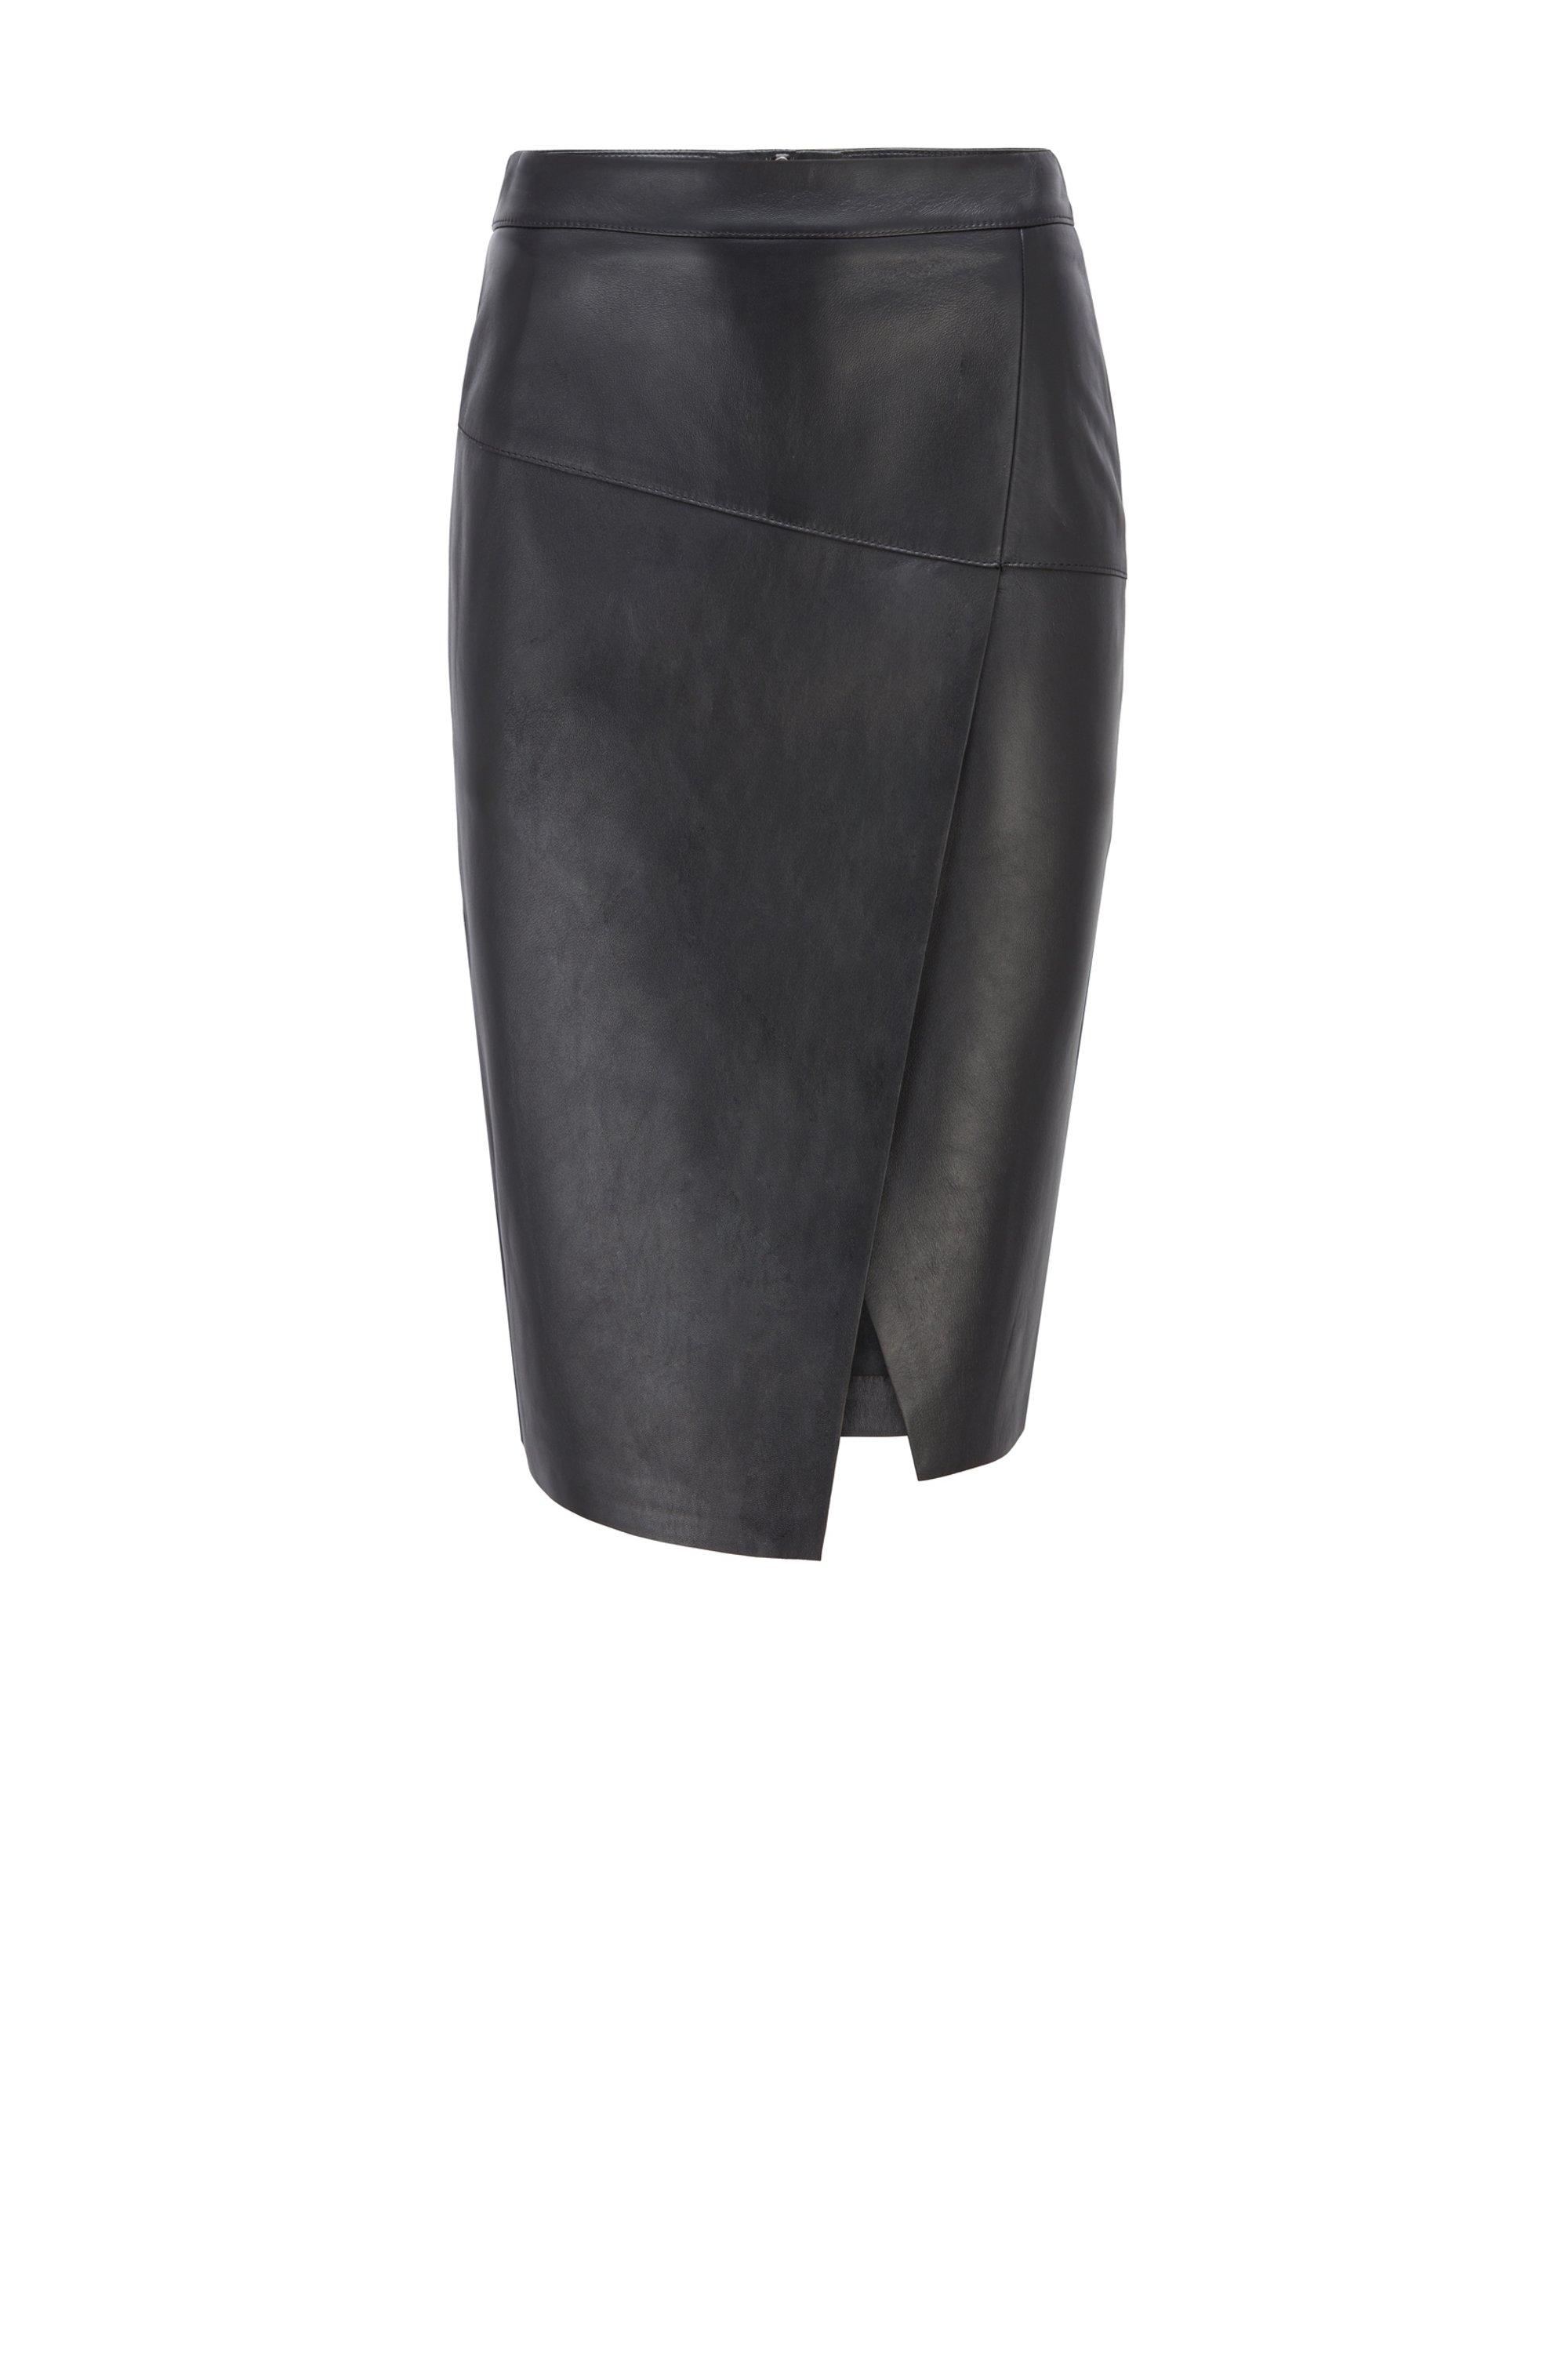 ラップスタイル レザースカート アシンメトリーヘム, ブラック